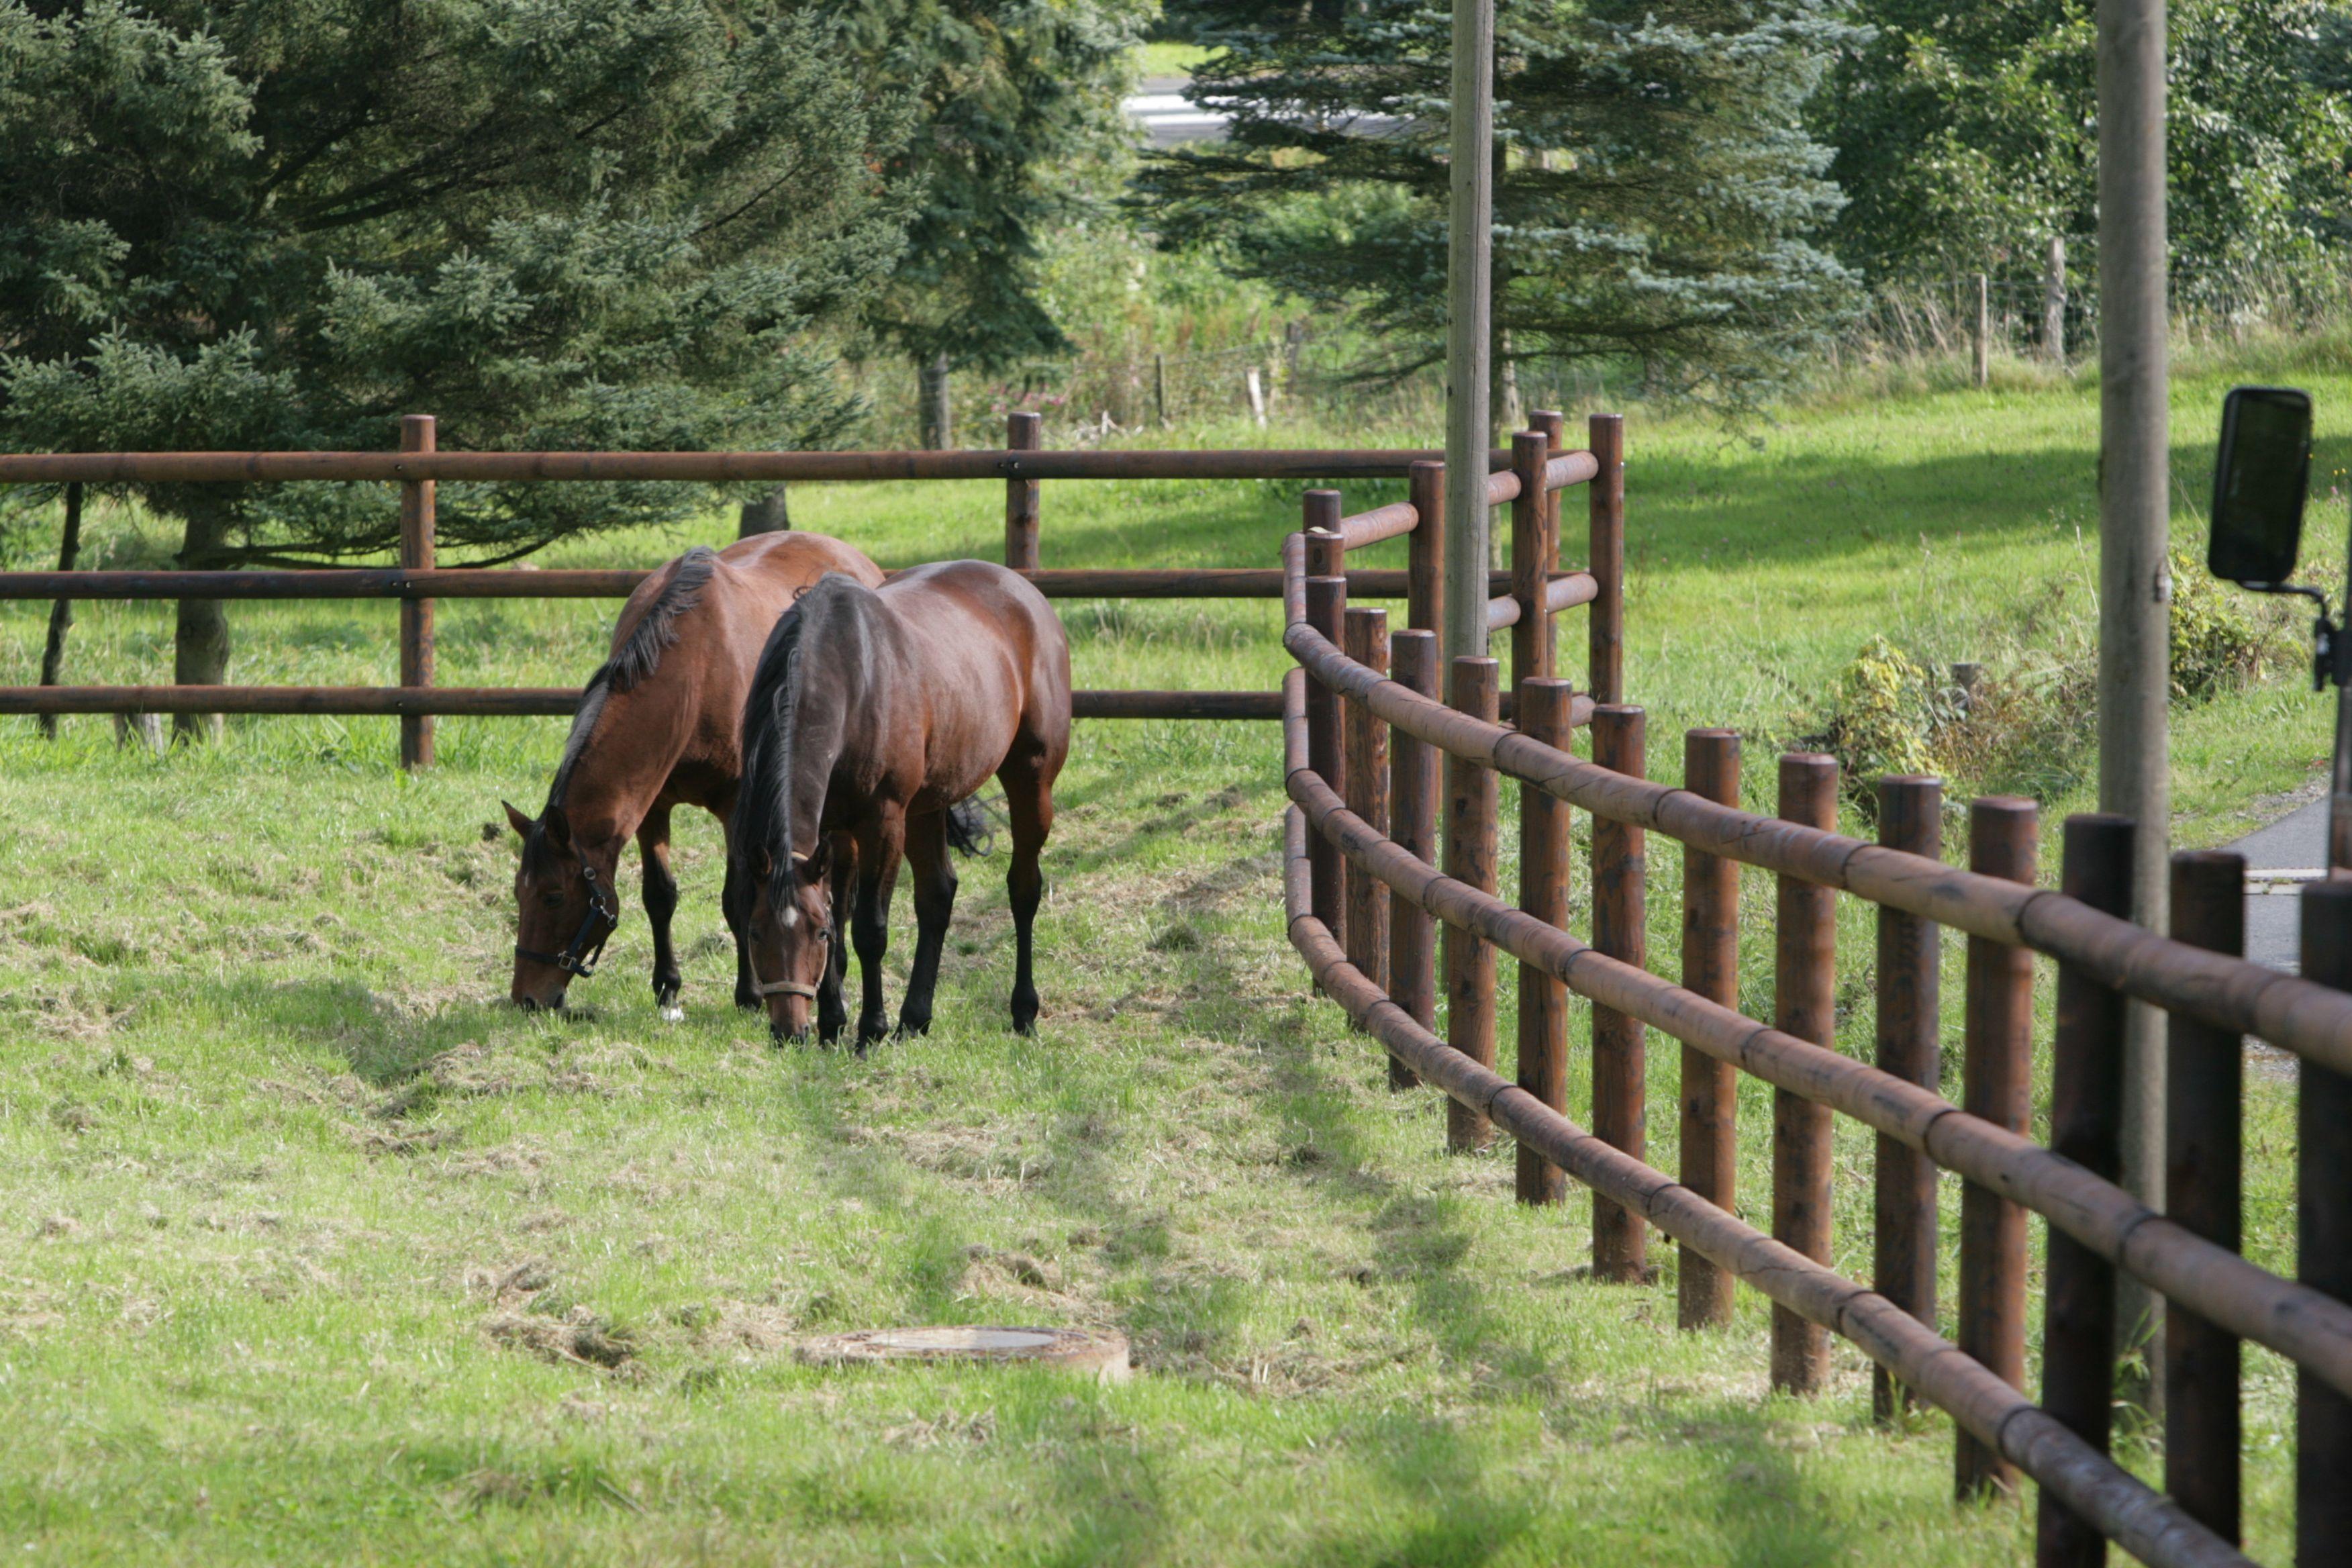 chevaux en enclos p ture pour chevaux avec cl ture en bois de qualit vision board. Black Bedroom Furniture Sets. Home Design Ideas